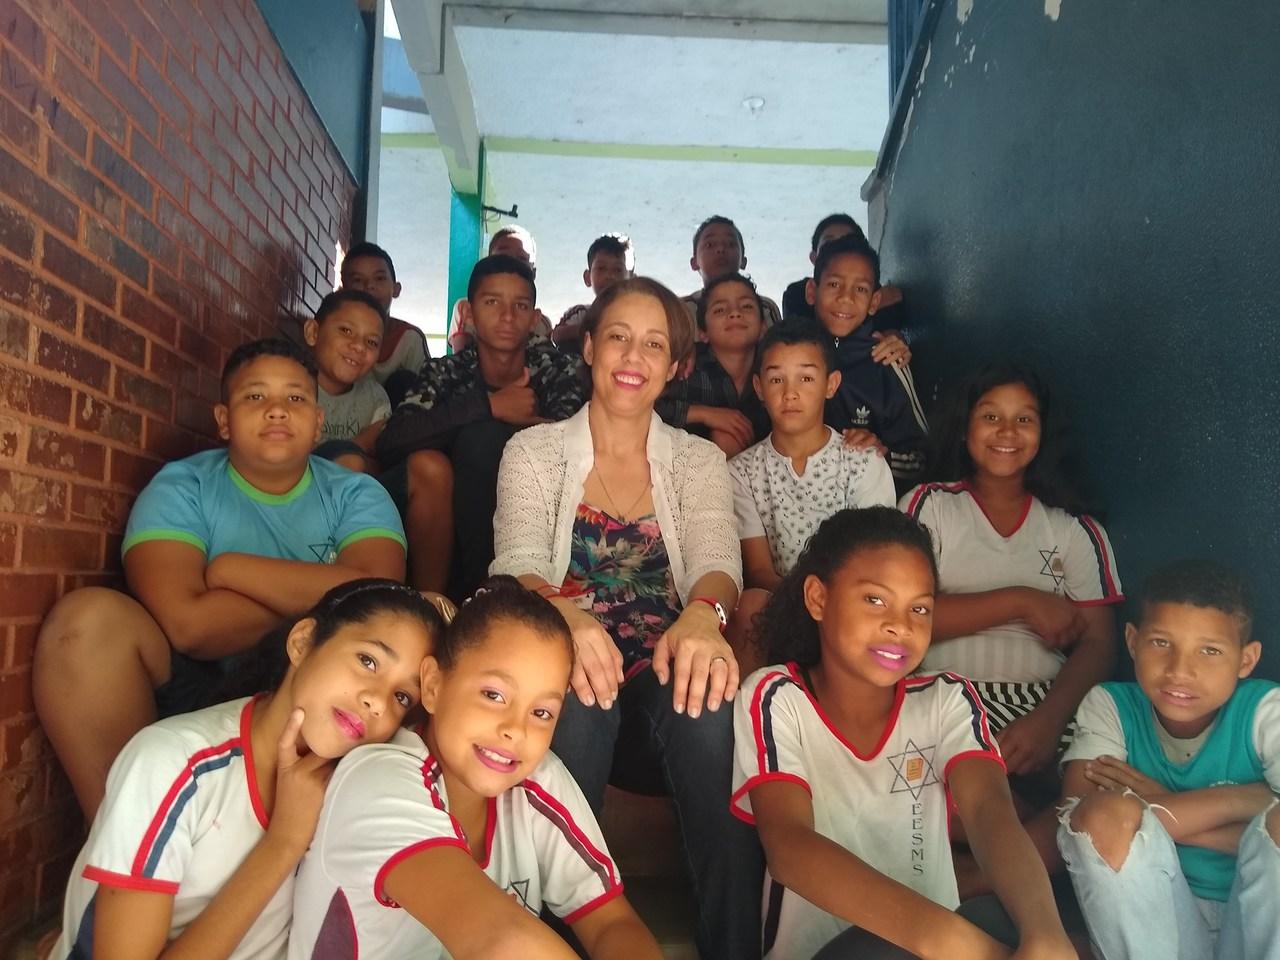 professora com os alunos e escadaria da escola